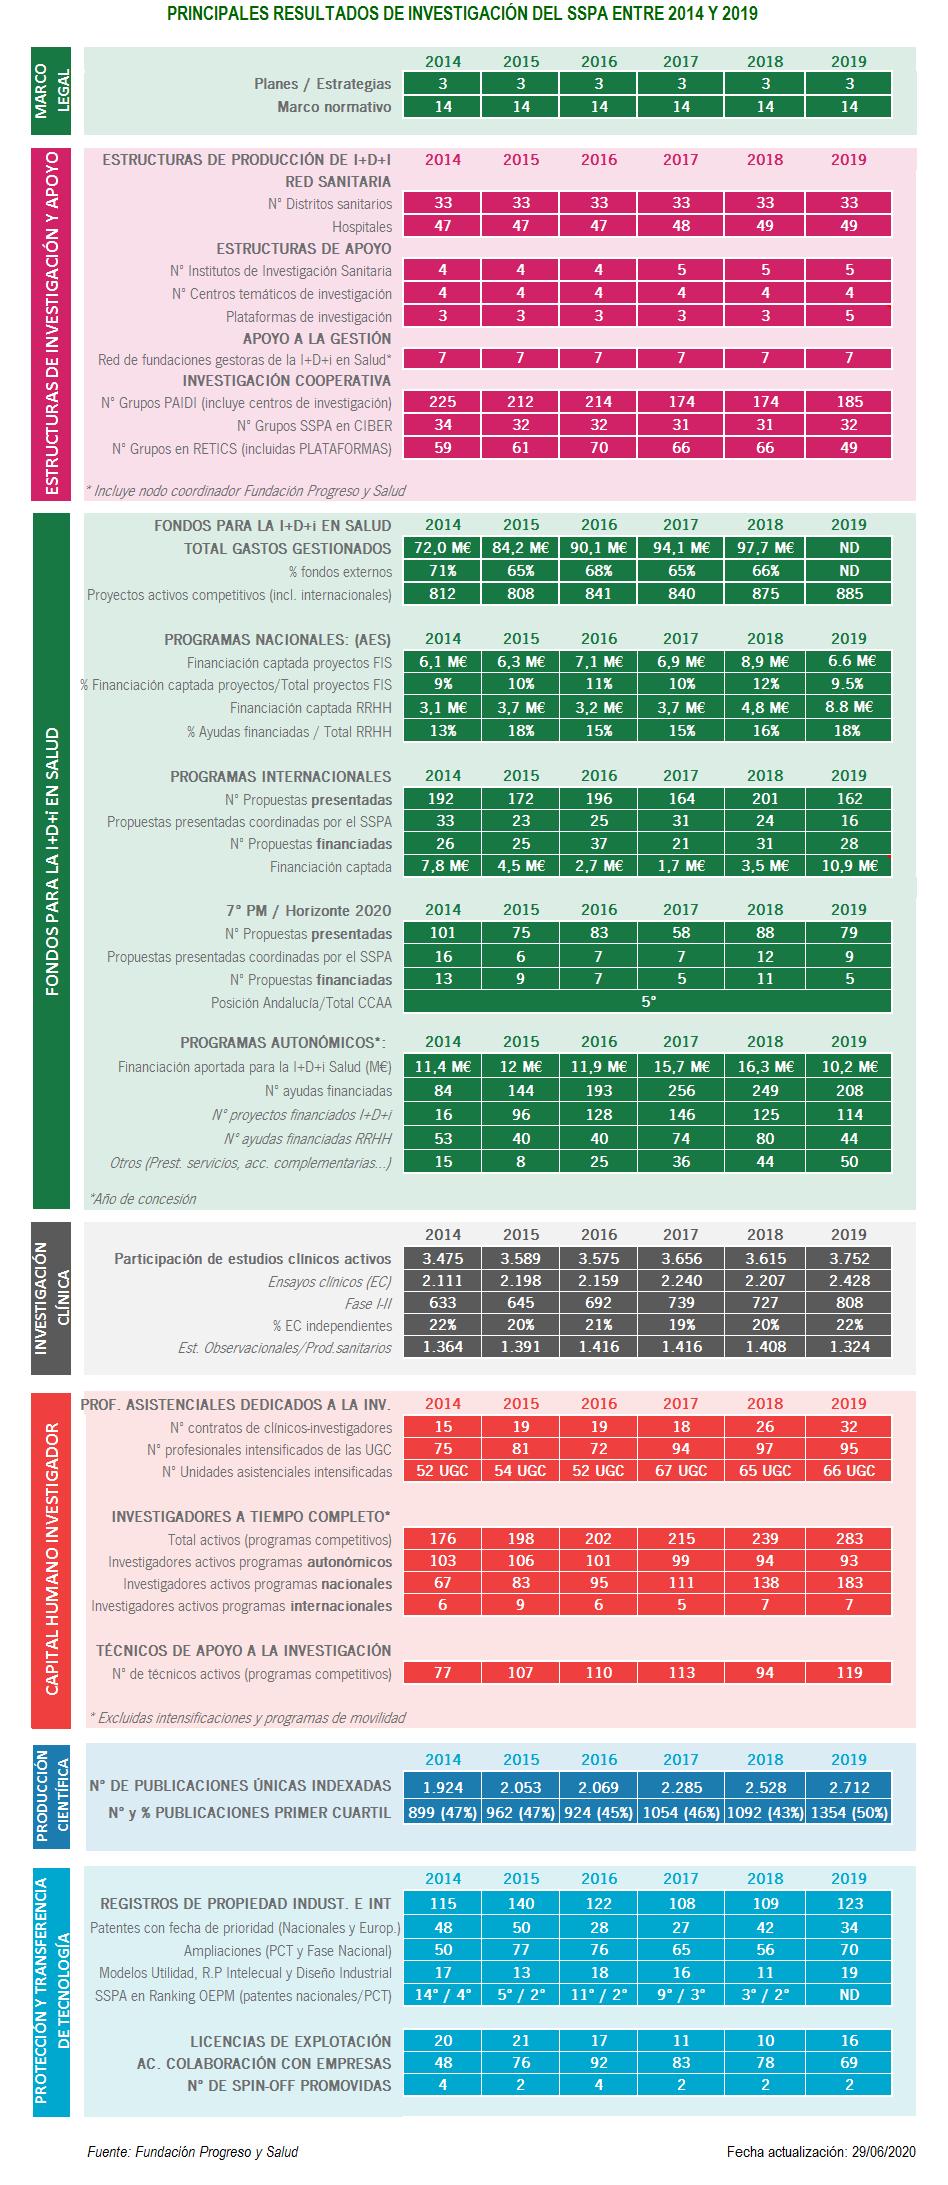 Nº de actividades financiadas por la Consejería de Salud y Familias en el perido 2014-2019